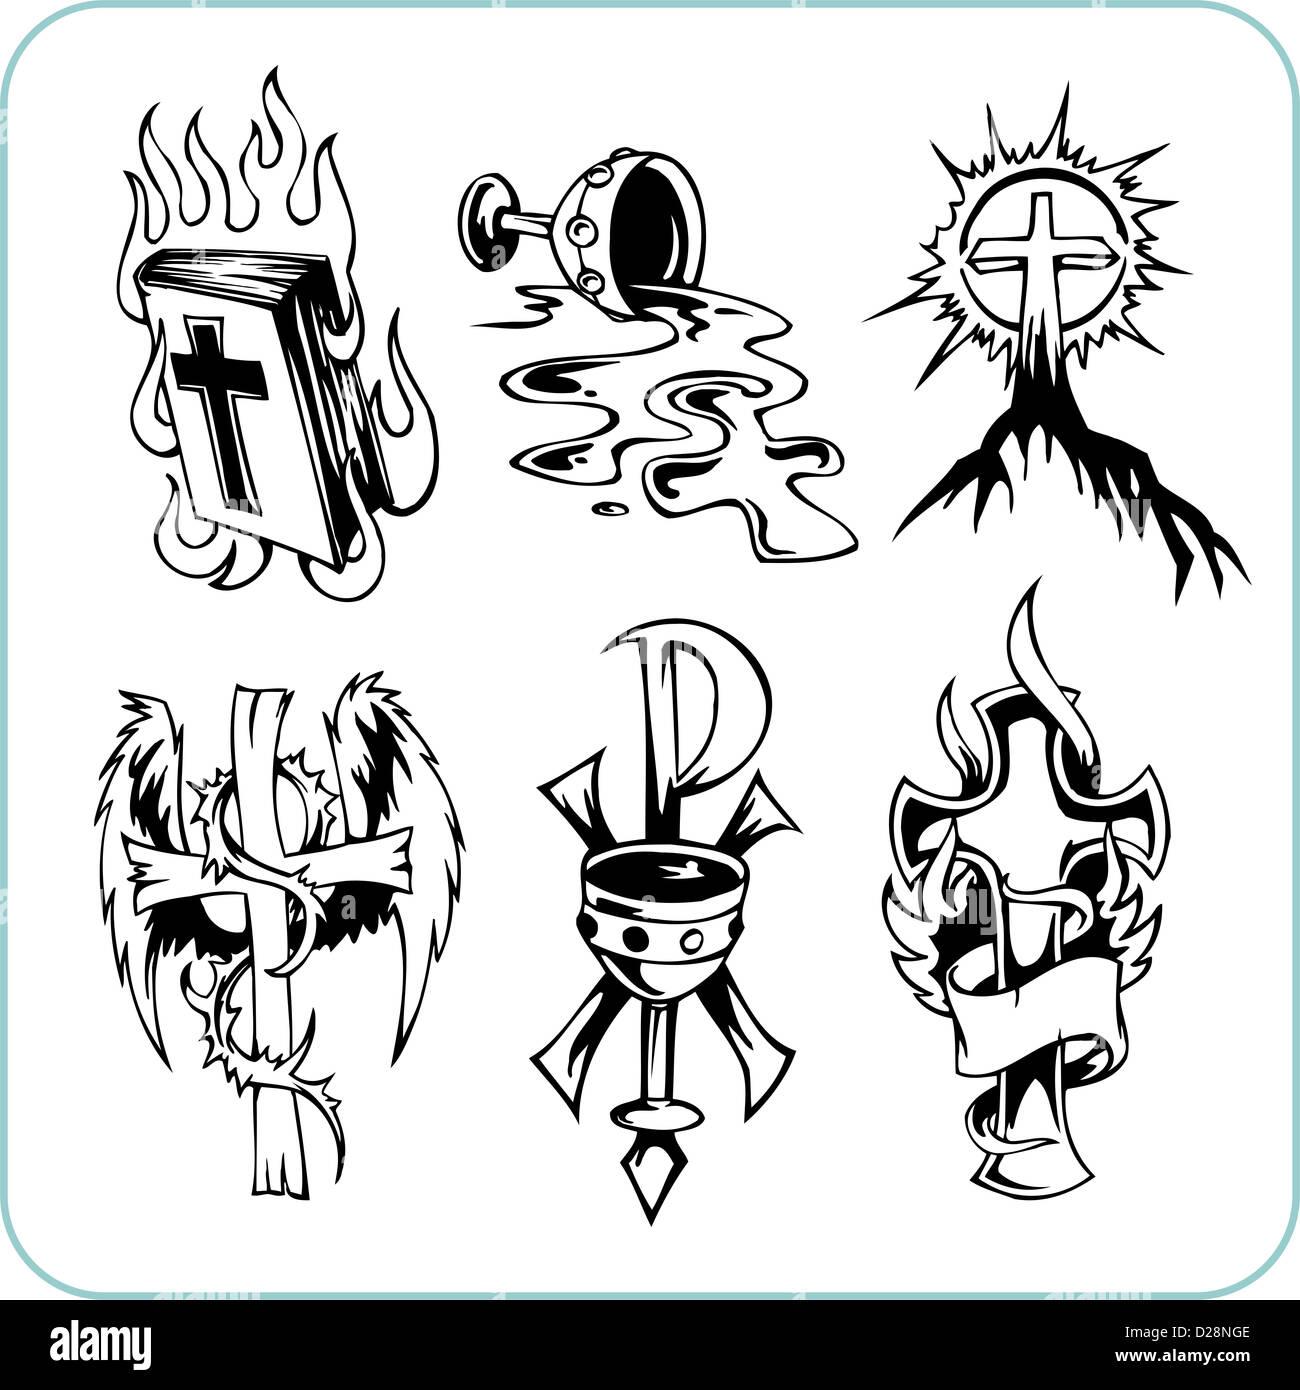 La religione cristiana - illustrazione vettoriale. Immagini Stock